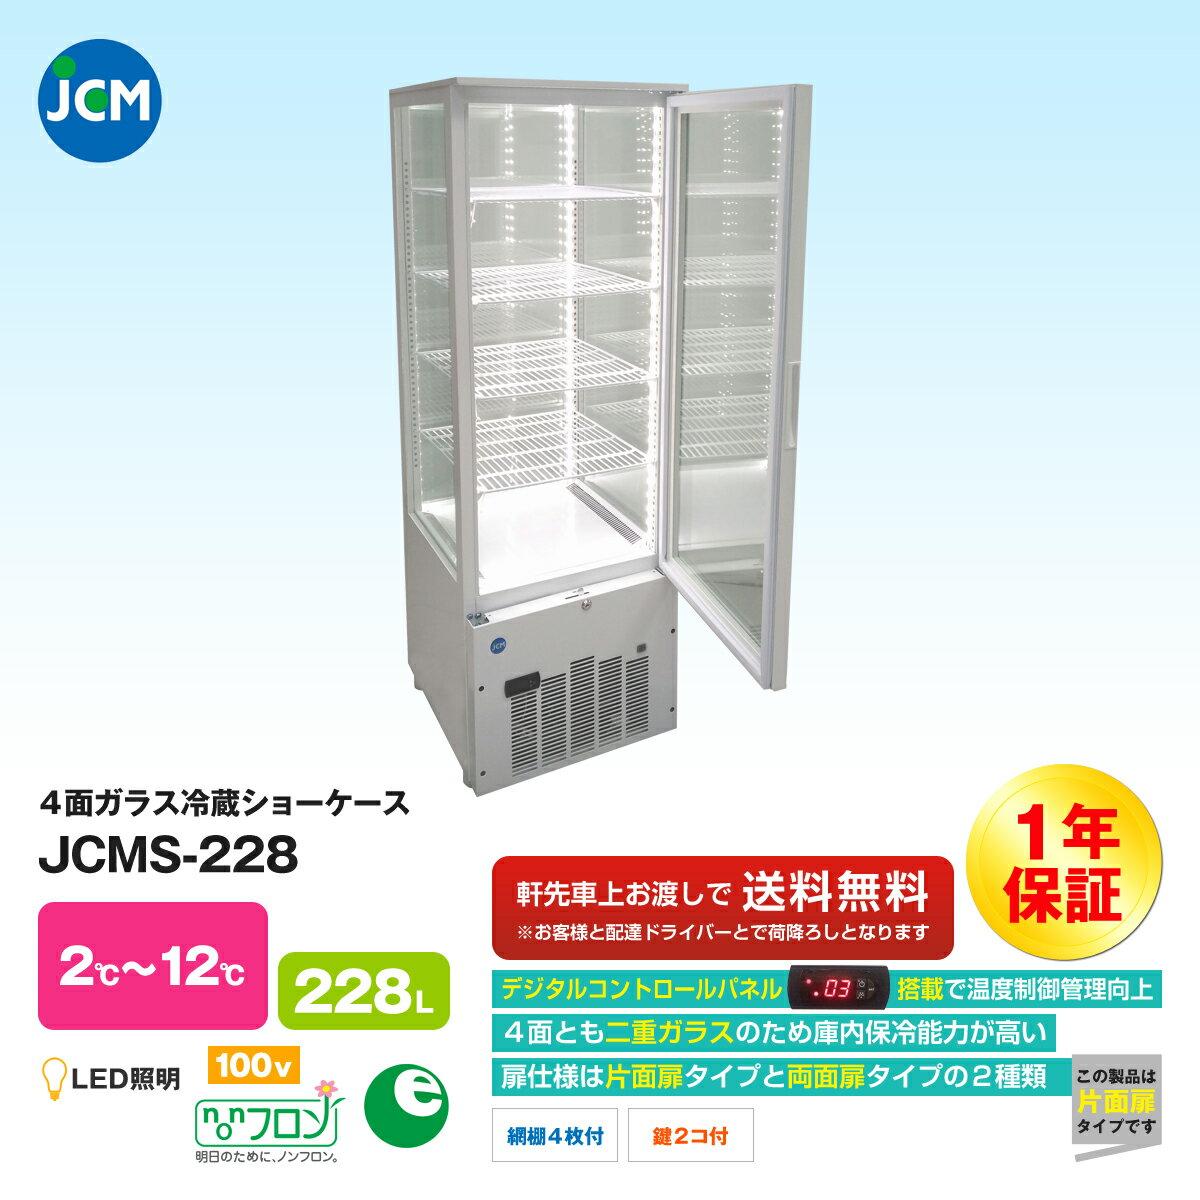 【エントリーでポイント最大10倍】JCM社製 業務用 保冷庫 冷蔵庫 228L 4面 ガラス 冷蔵 ショーケース JCMS-228 新品